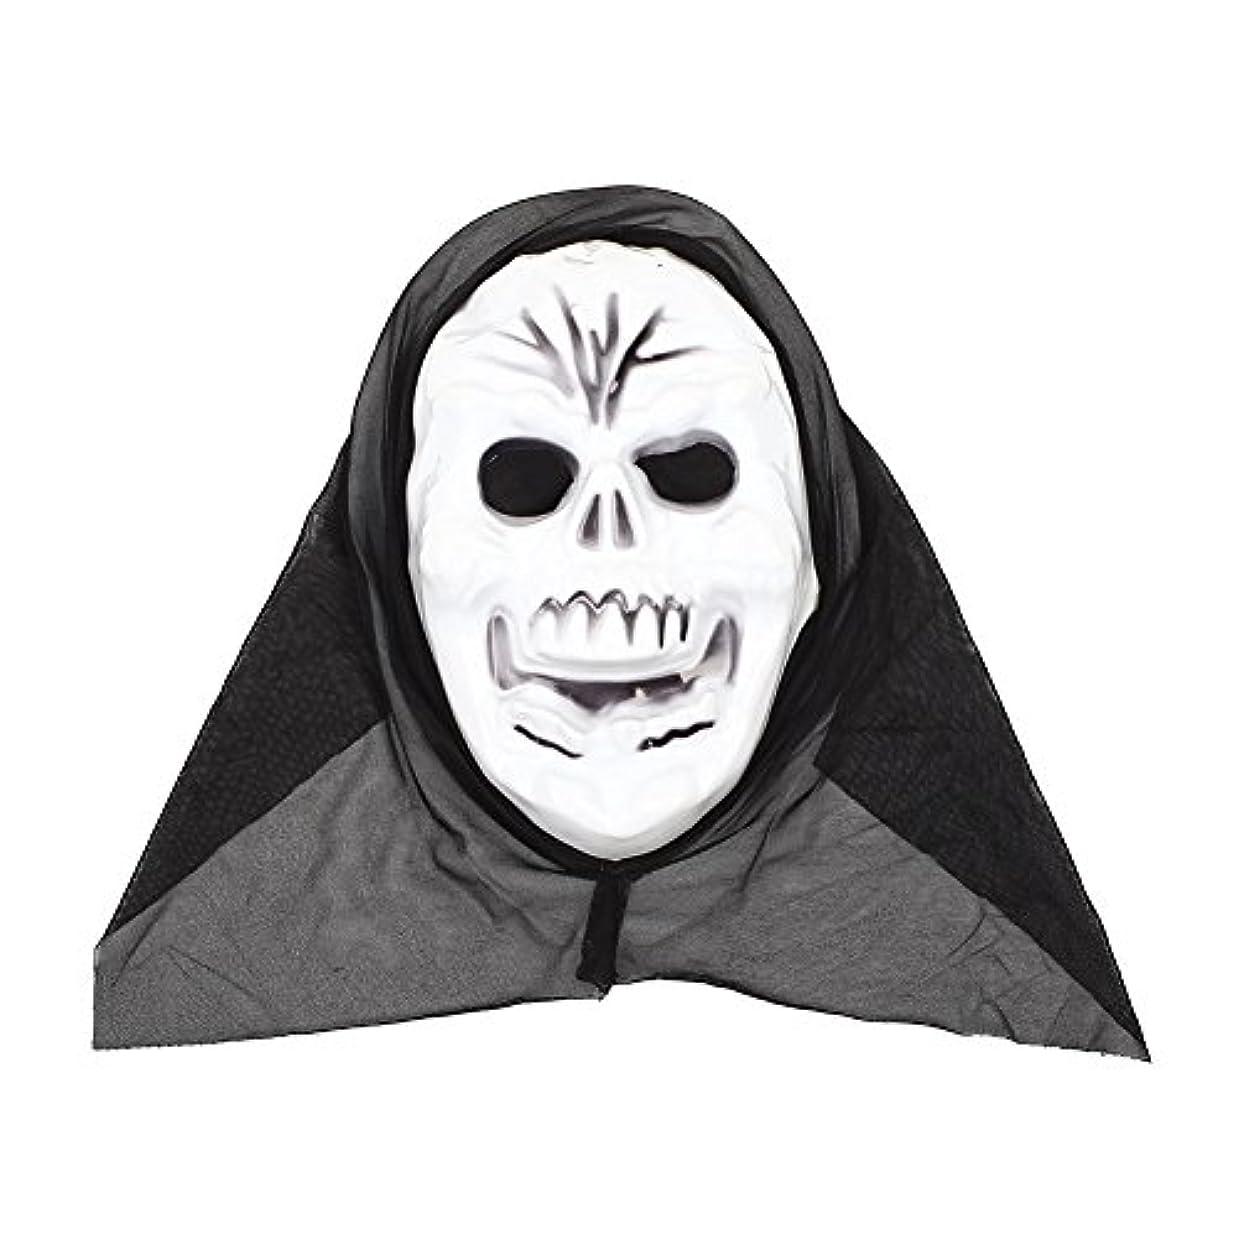 お香ソーシャル整理するAuntwhale ハロウィンマスク大人恐怖コスチューム、スクリームファンシーマスカレードパーティーハロウィンマスク、フェスティバル通気性ギフトヘッドマスク